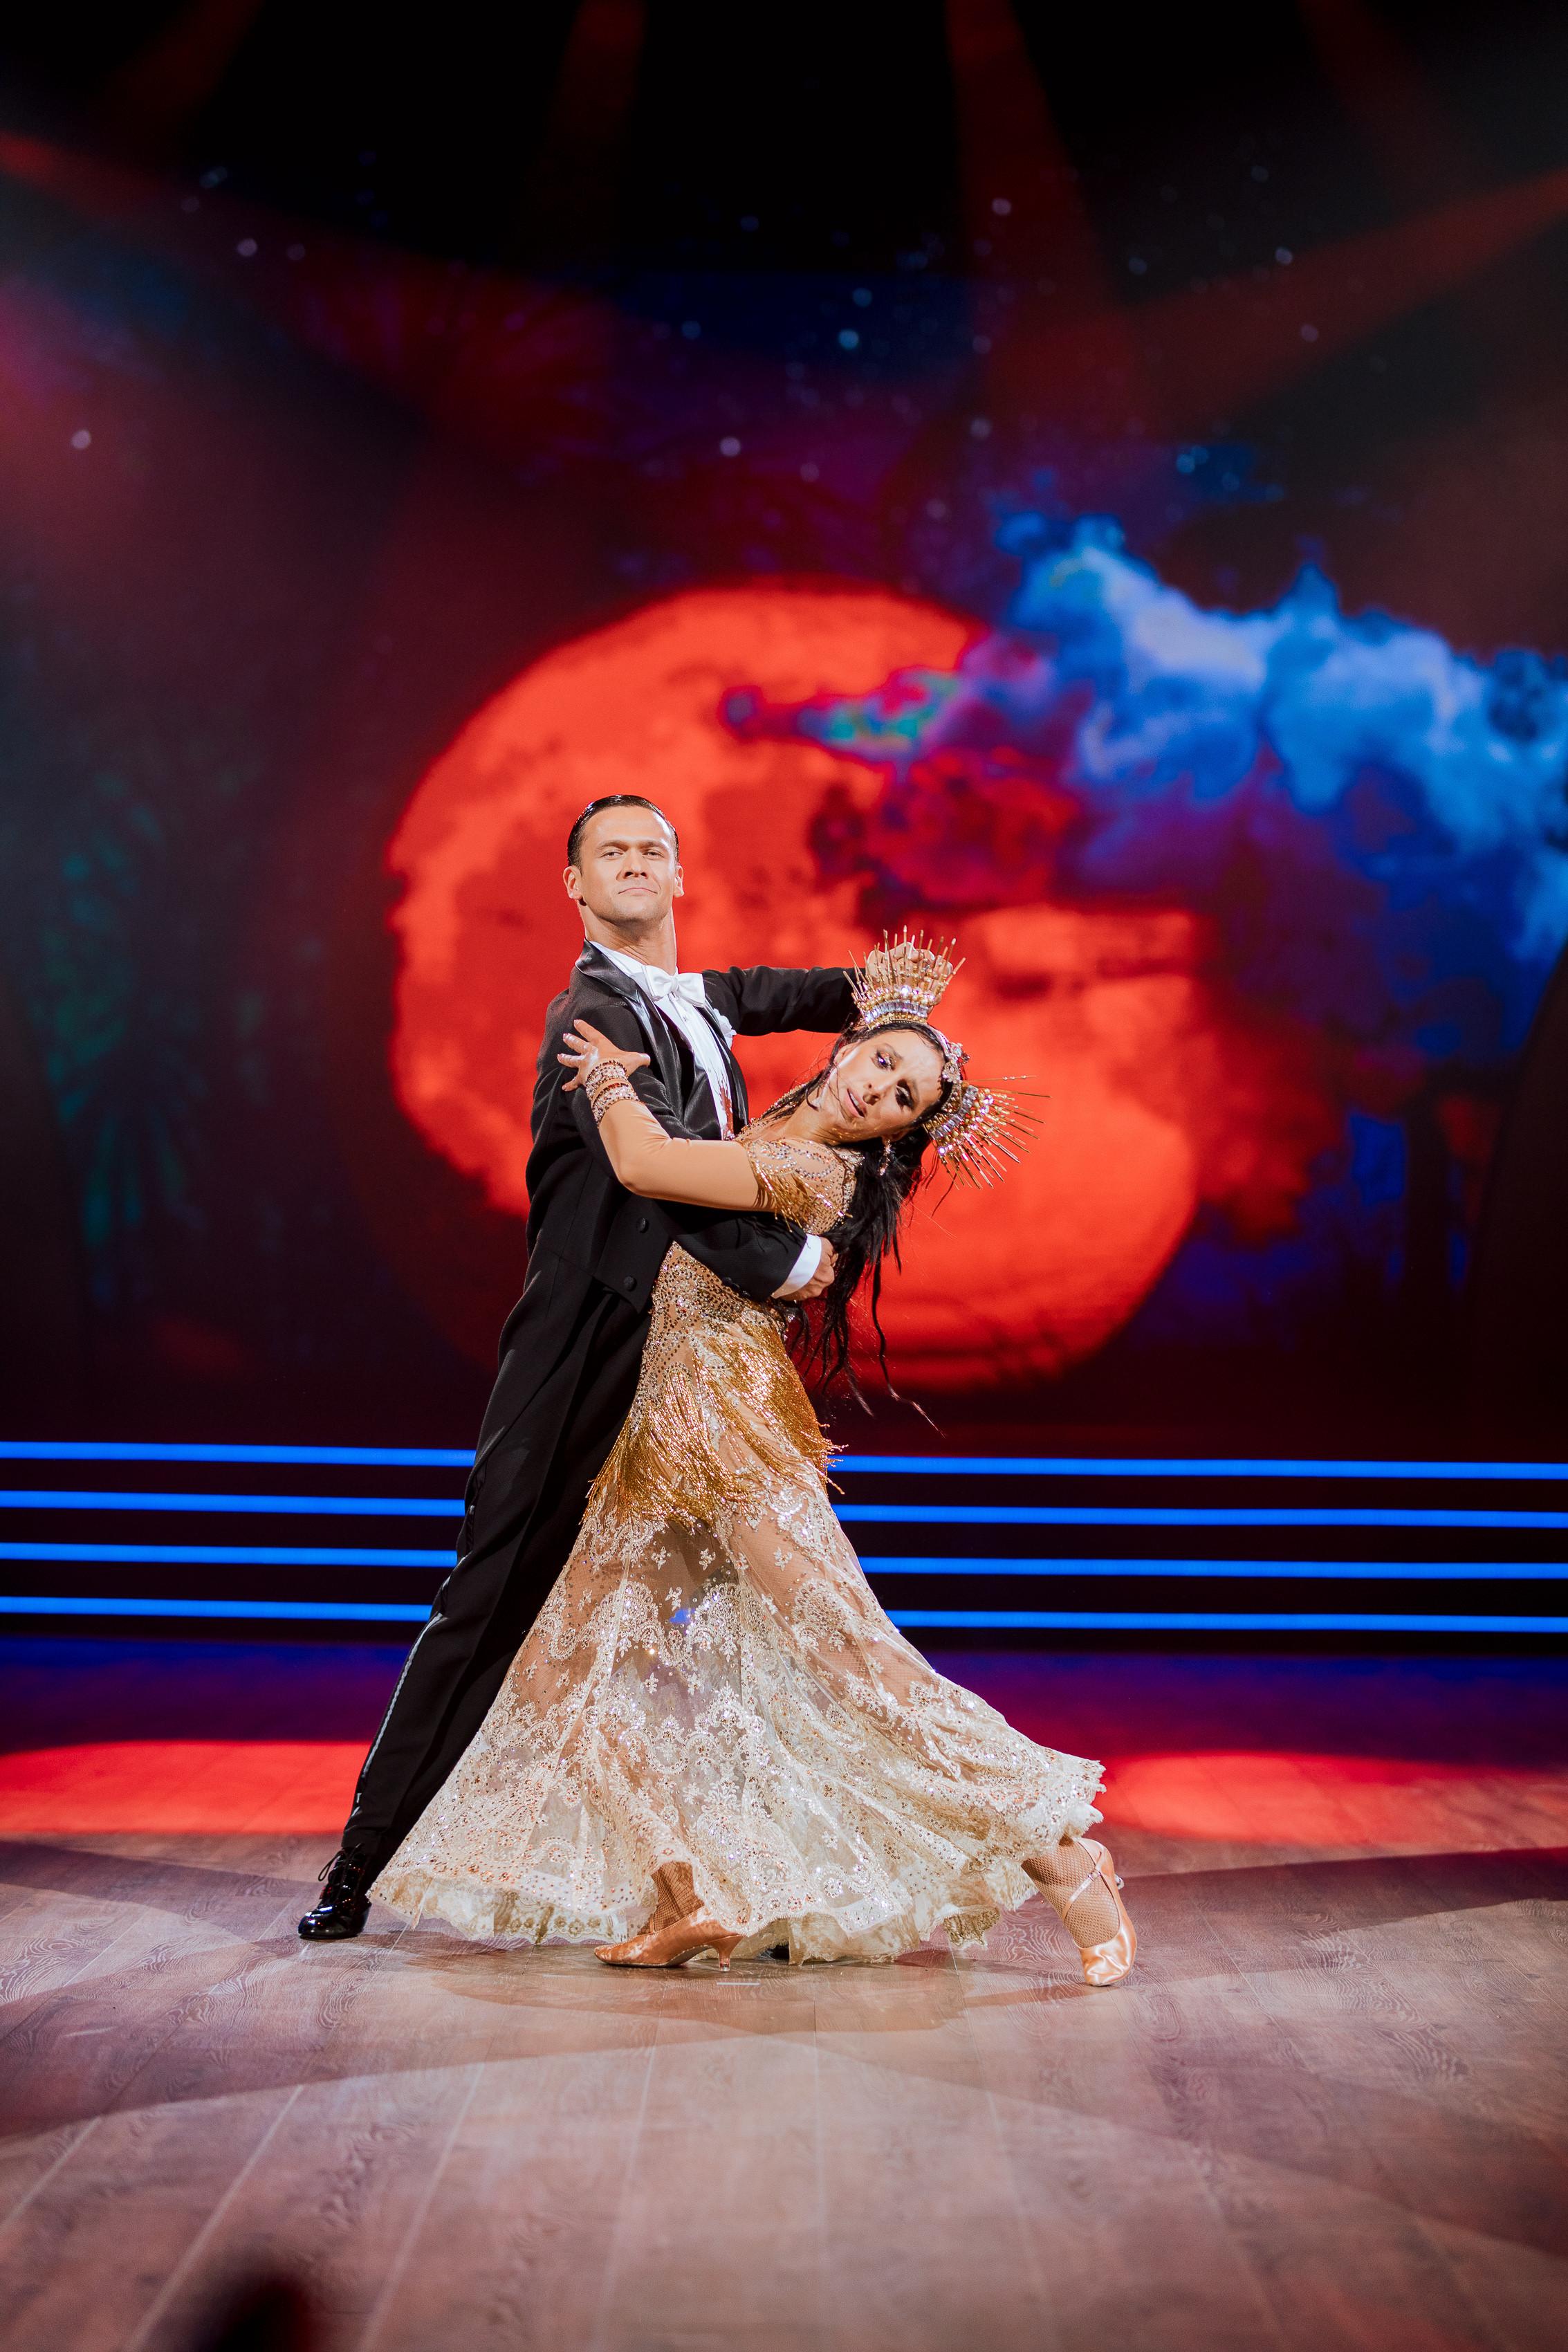 выступление джамалы на шоу танцы со звездами